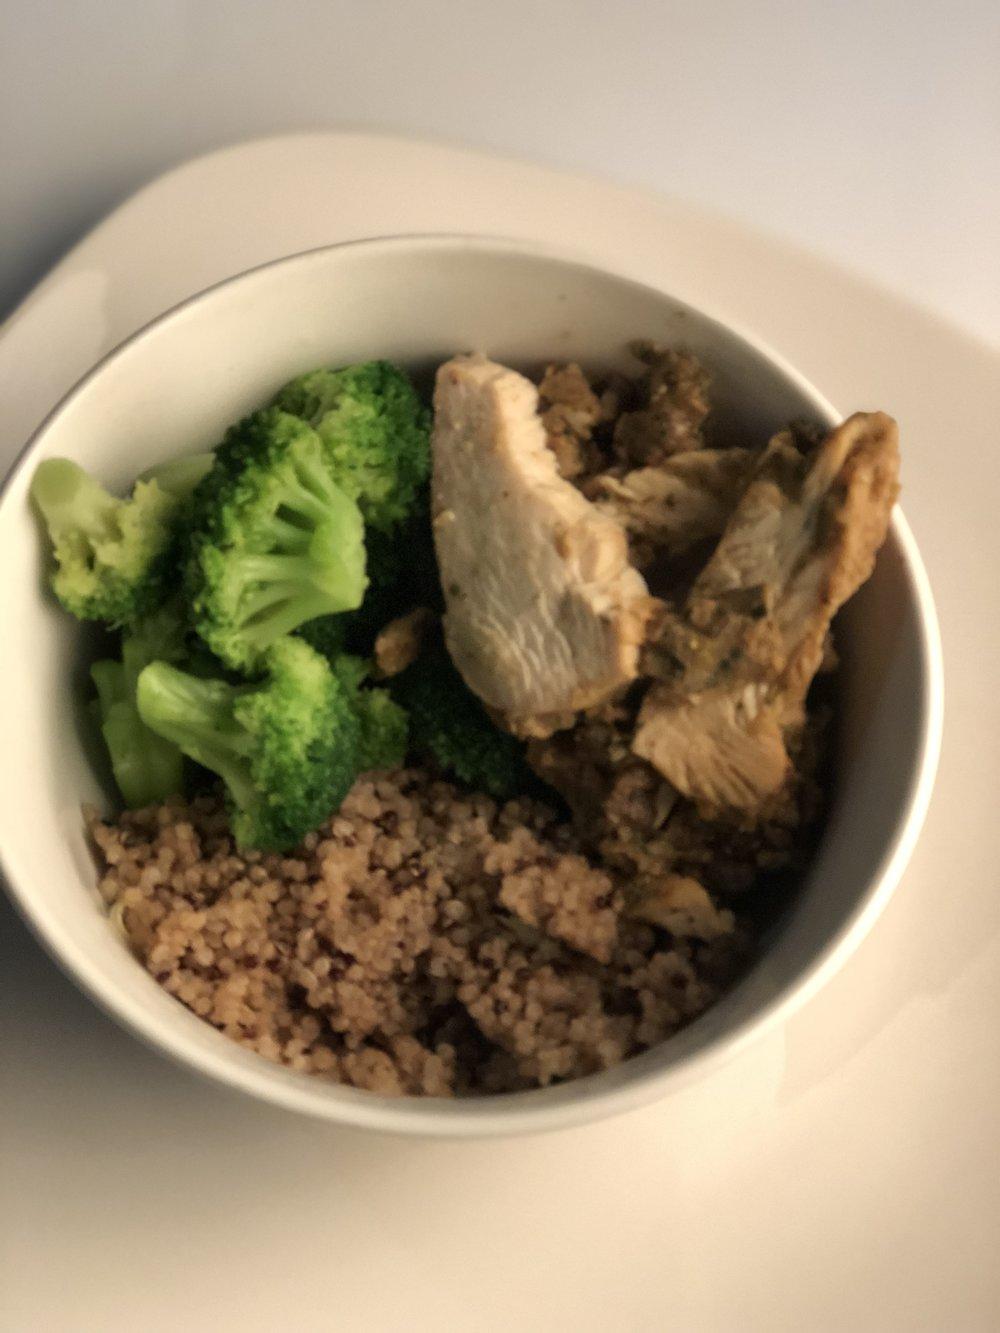 Rice Bowl   6 ounces of chicken, broccoli, quinoa, lime